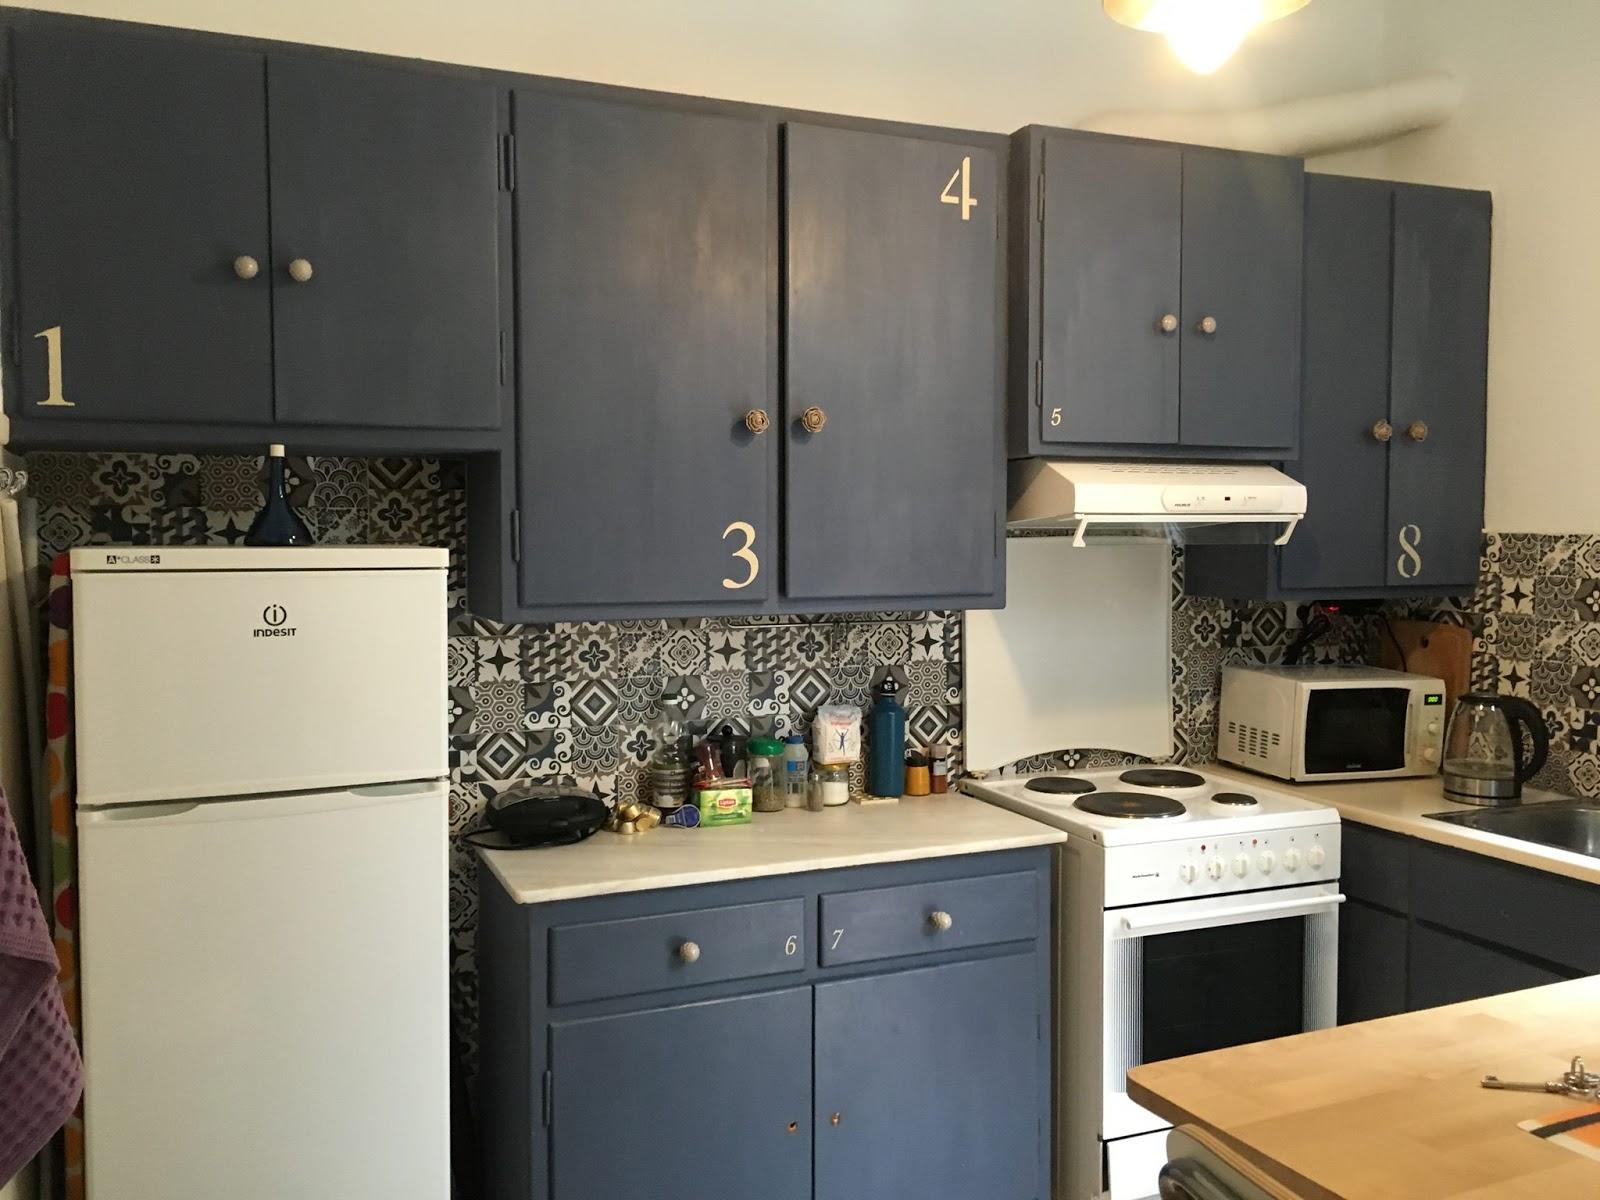 Αφιέρωμα: Κουζίνα! Έλα στην κουζίνα, βάζω καφέ! 14 Annie Sloan Greece